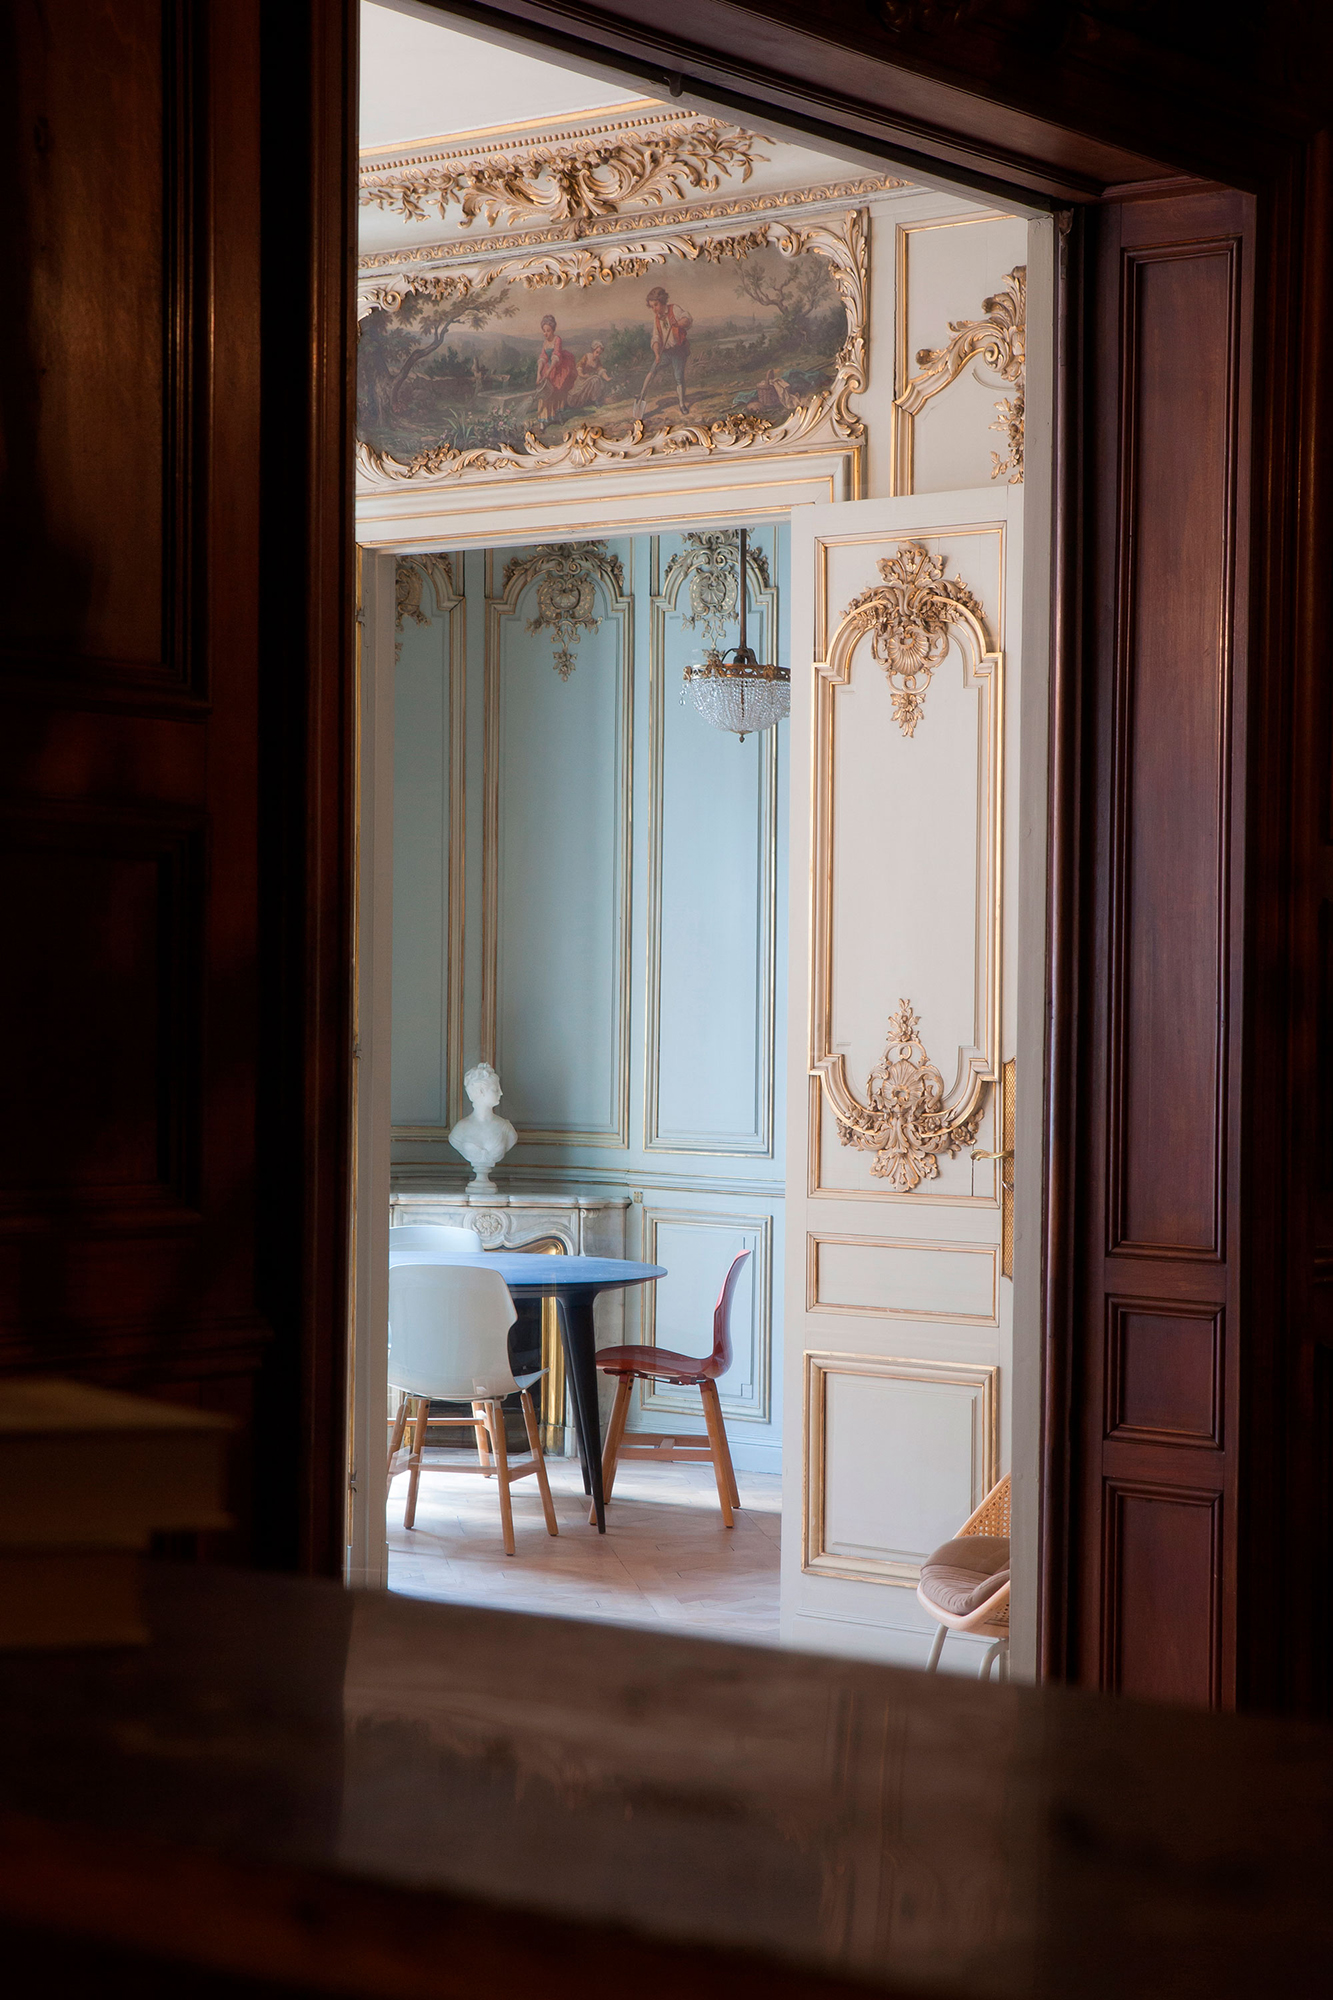 intérieur classique reflet rénovation décoration